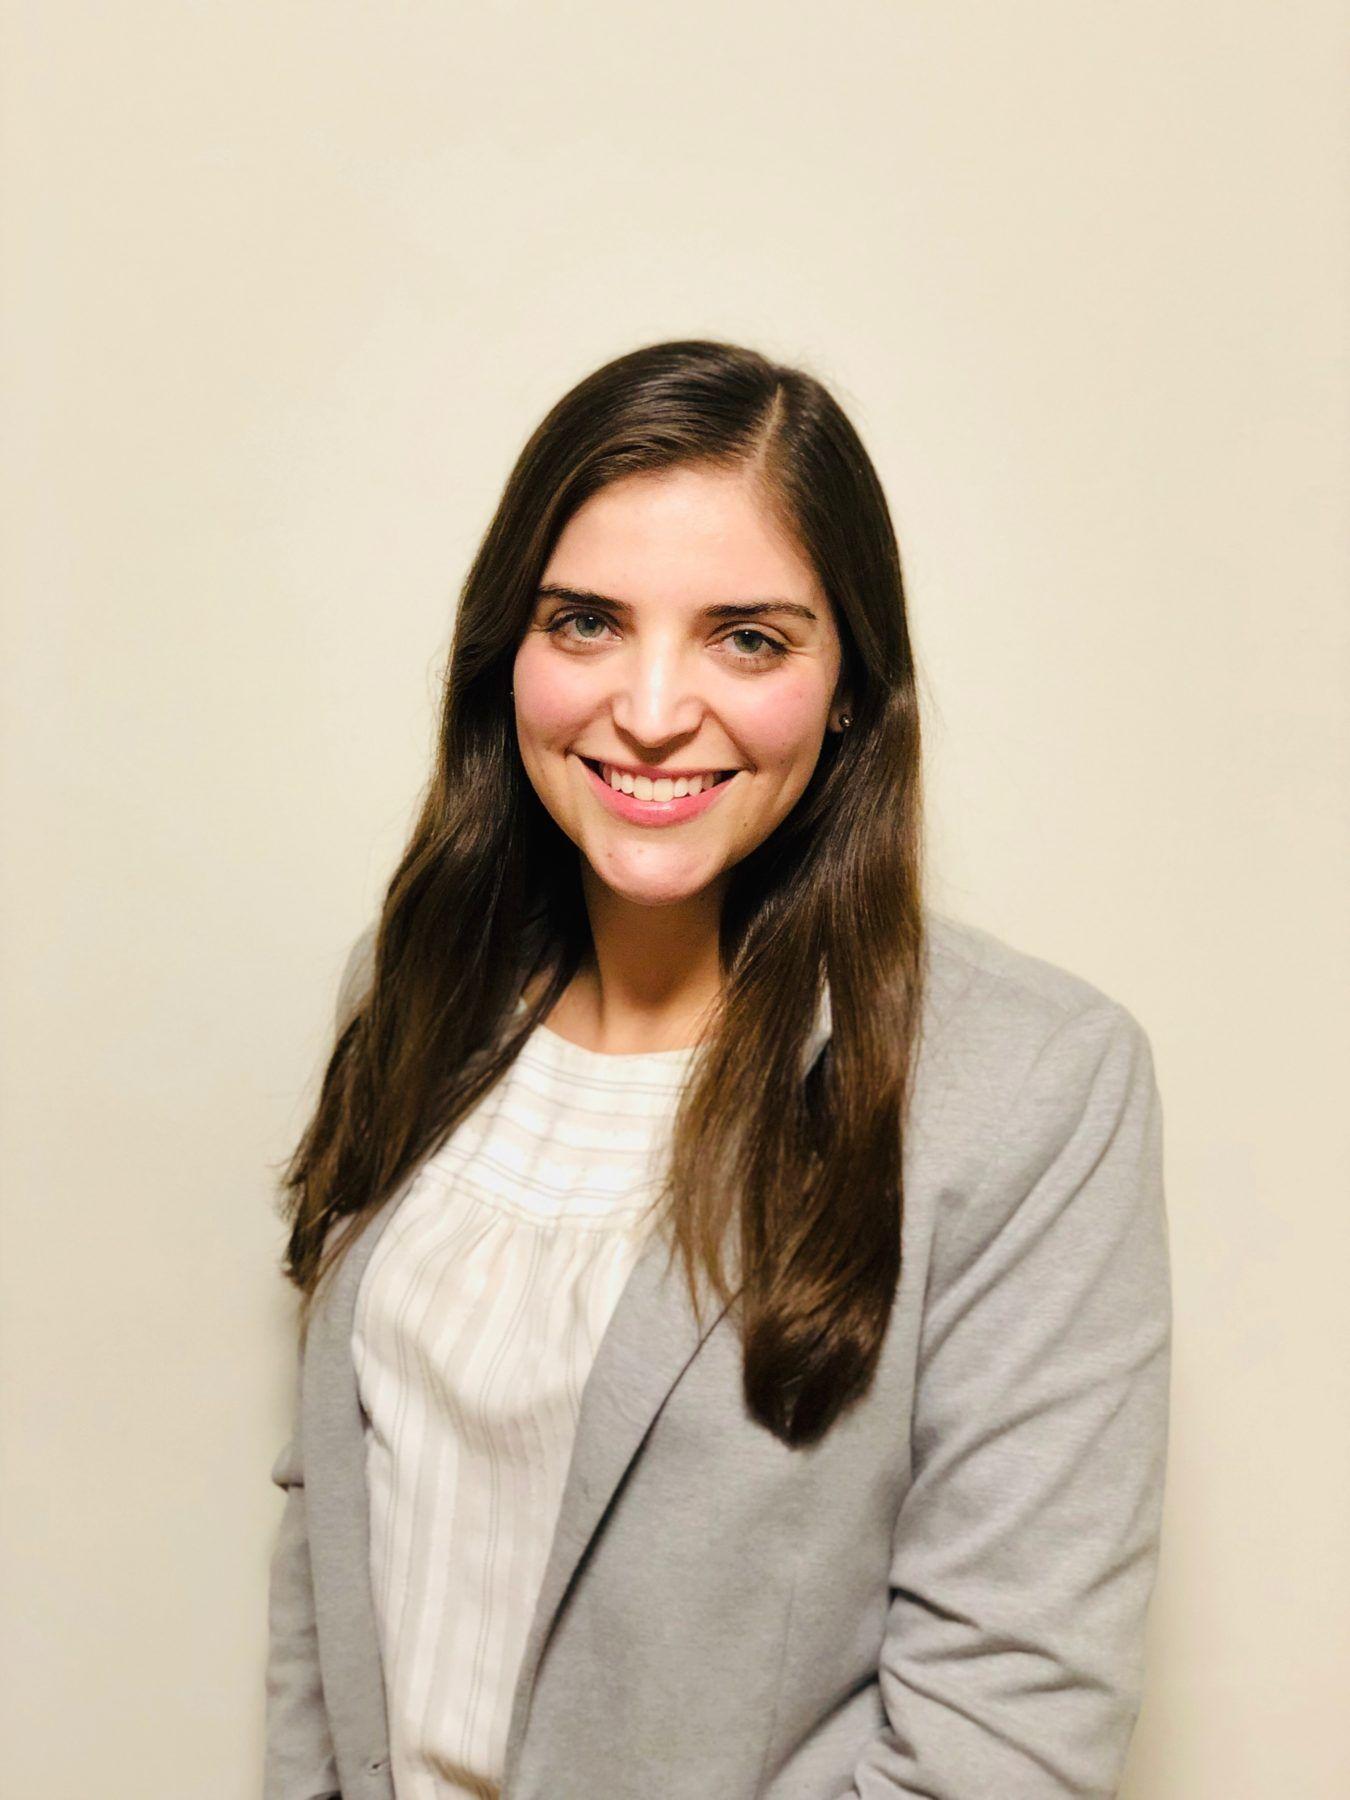 Maria Esther Salado, OD, FAAO